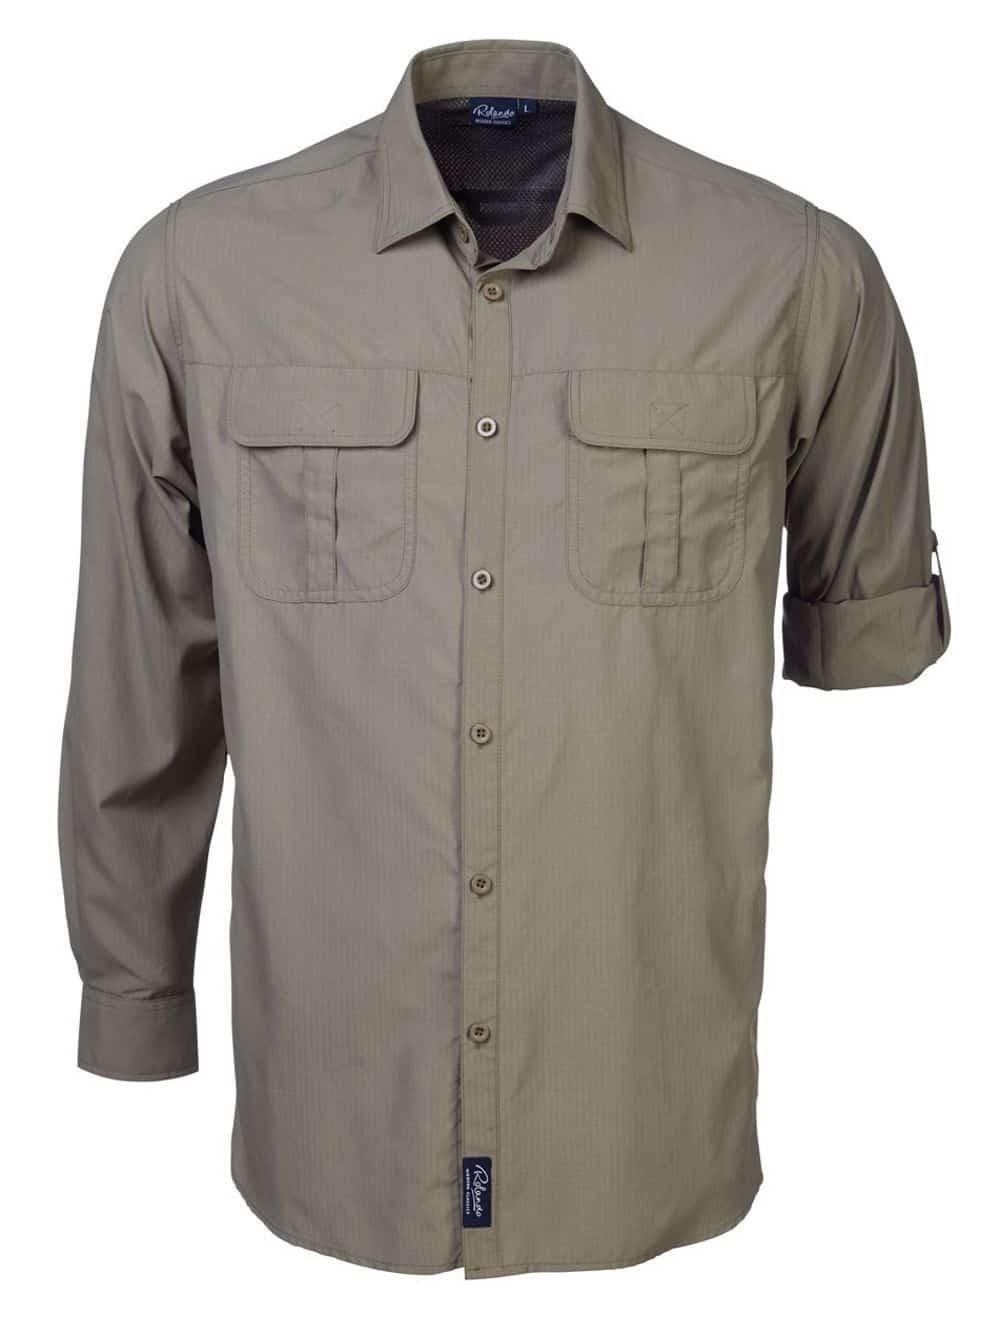 S/Sleeve Safari Shirt Lounge Shirts and Blouses